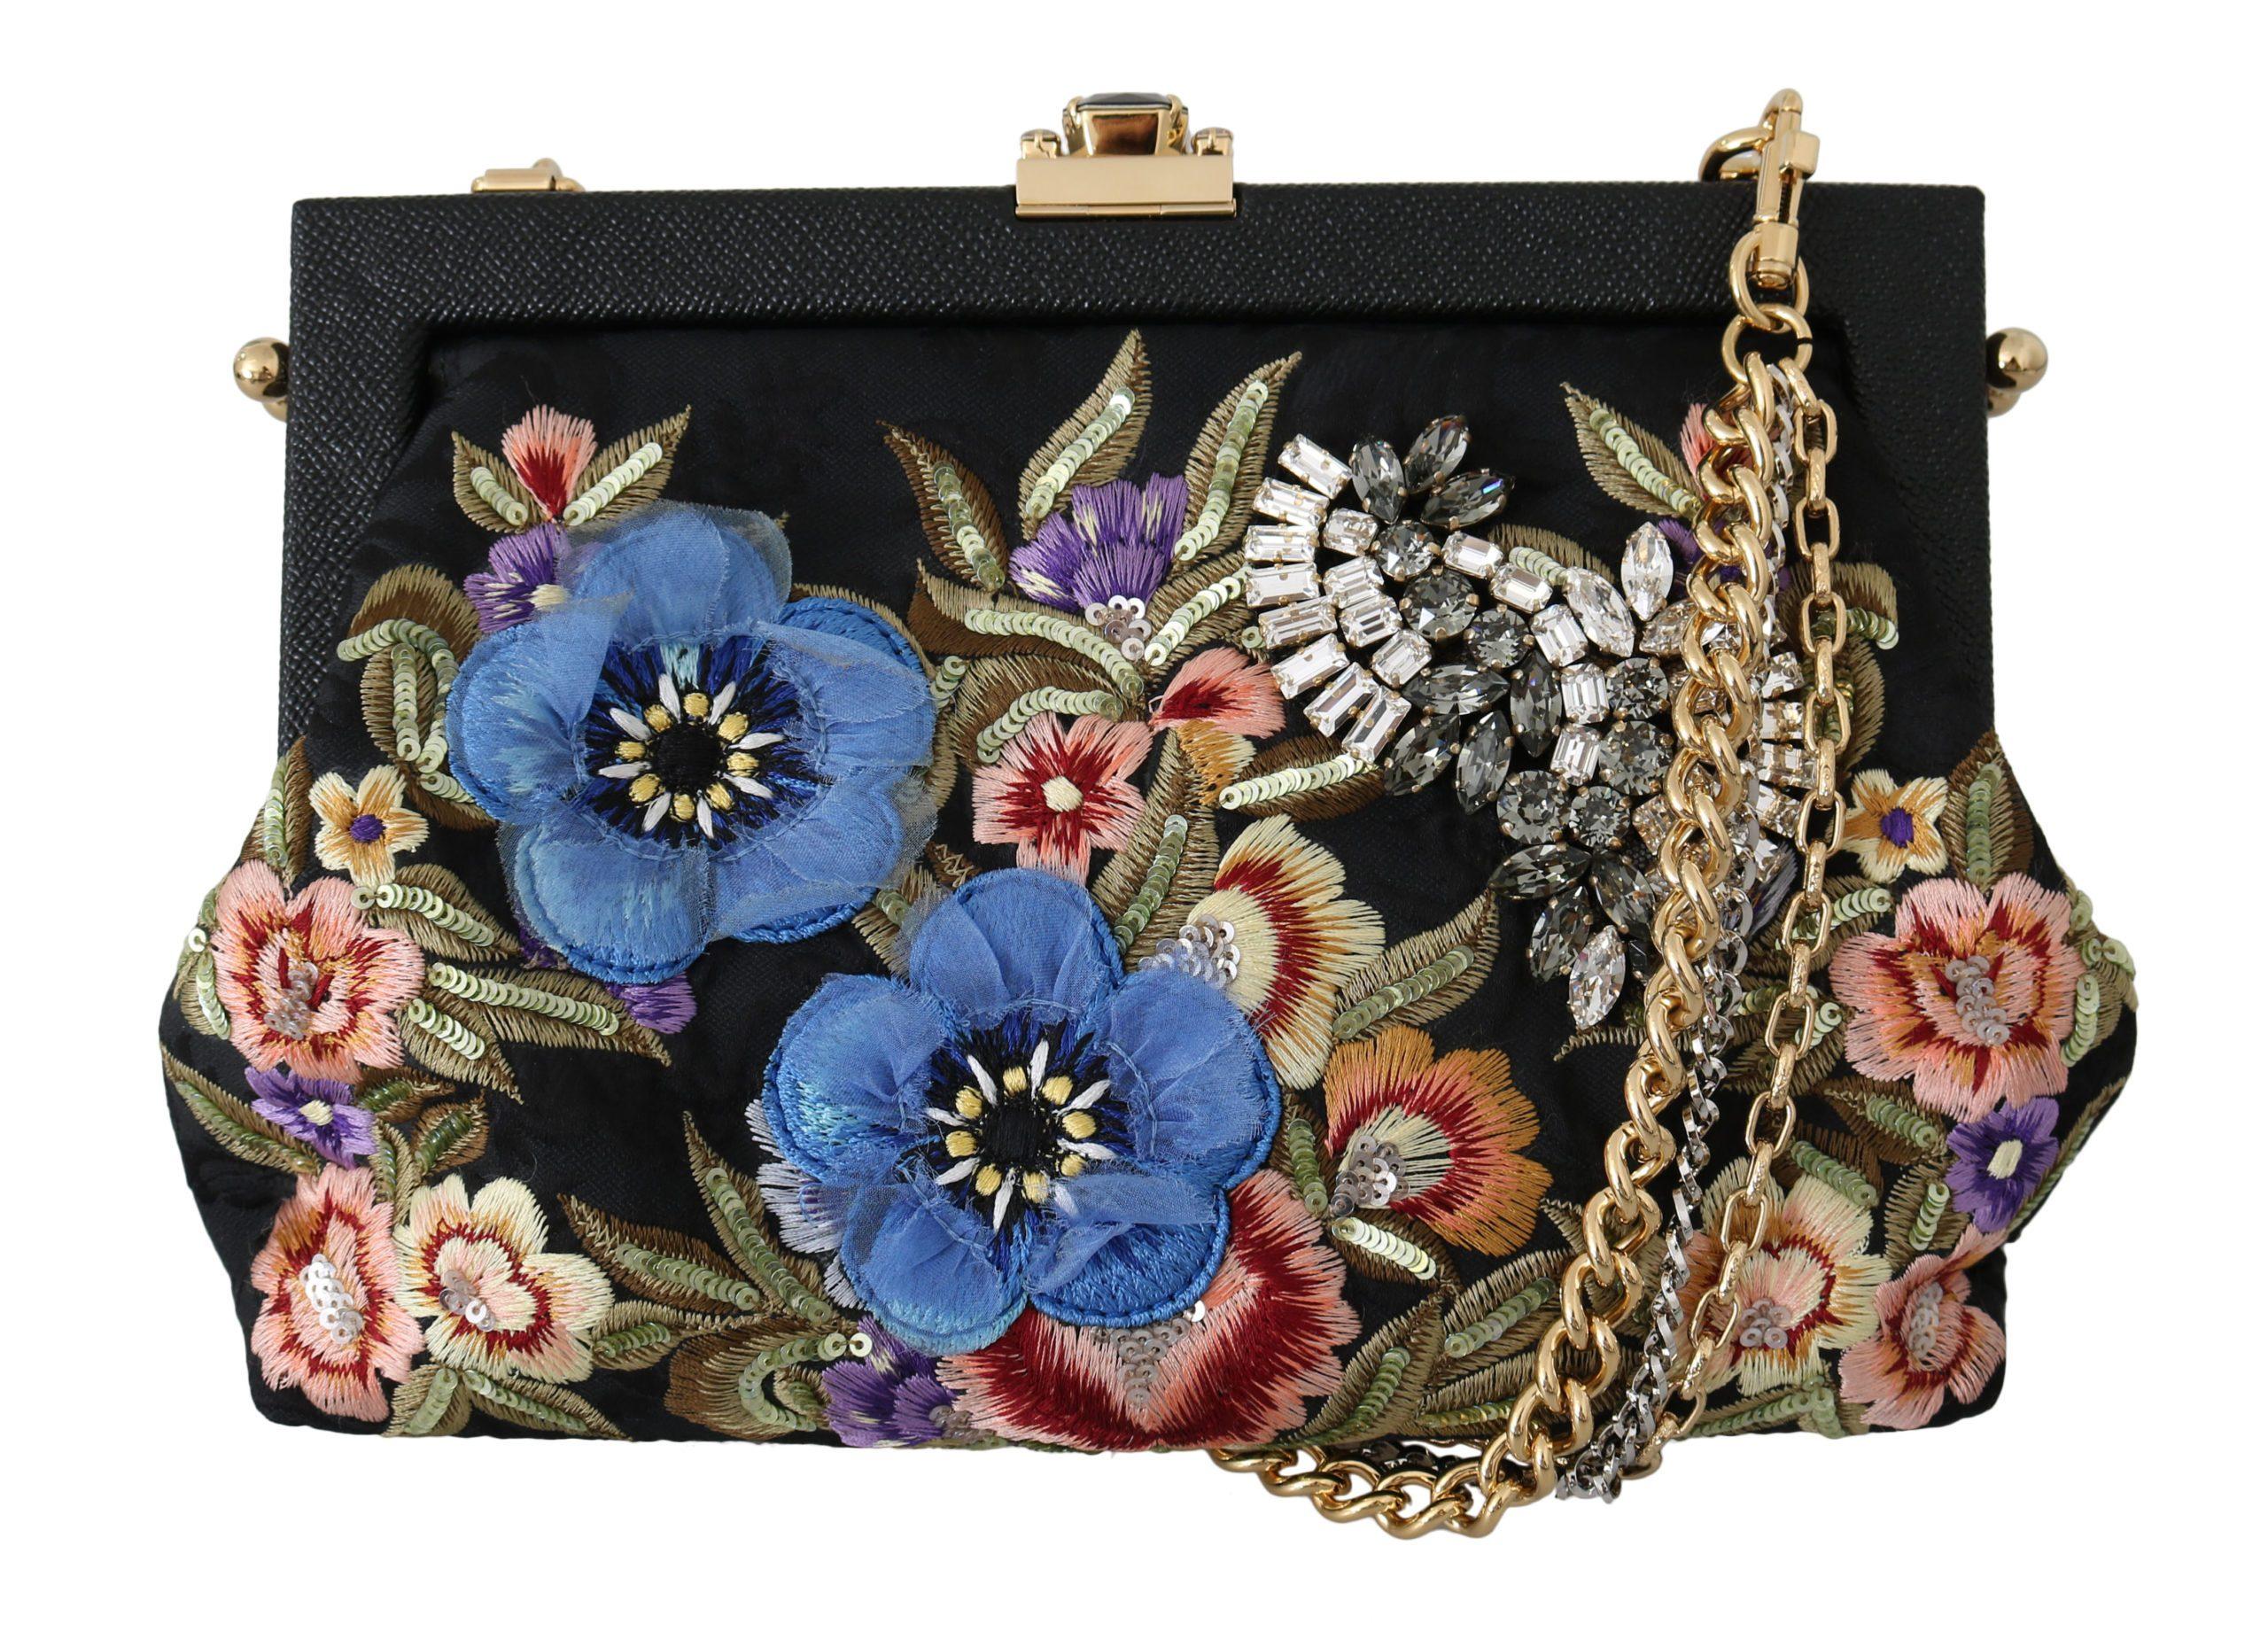 Dolce & Gabbana Women's Floral Embroidered Crystal Shoulder Bag Black VAS8688